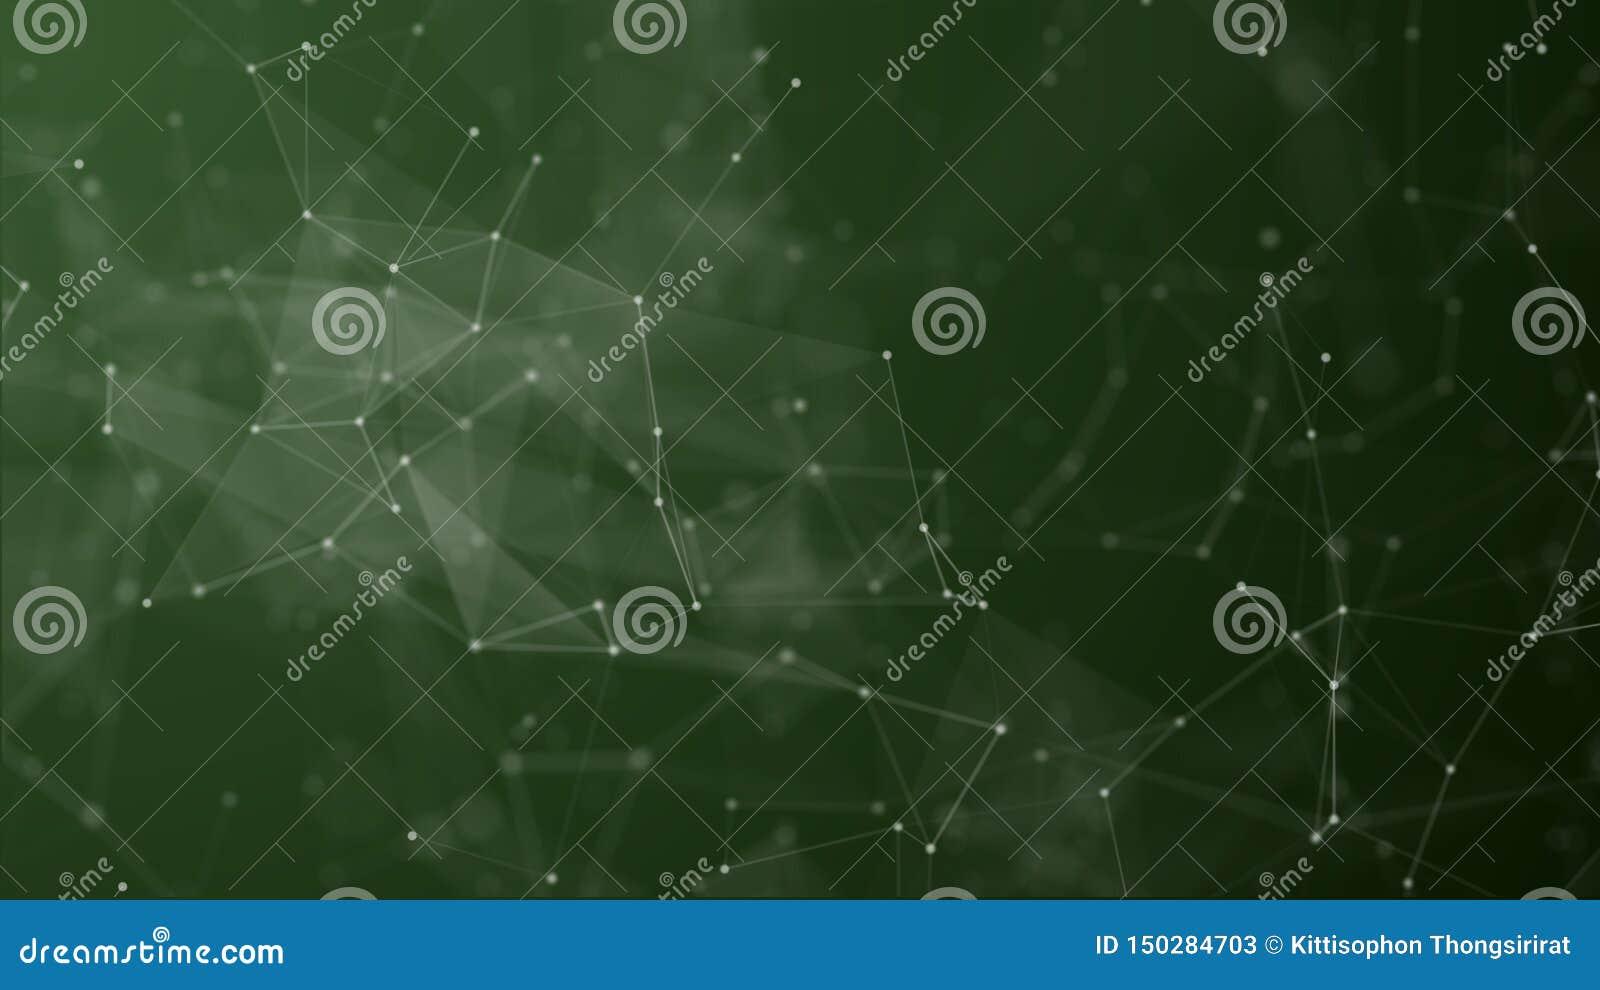 Ψηφιακός φουτουριστικός της σύνδεσης σημείων και γραμμών